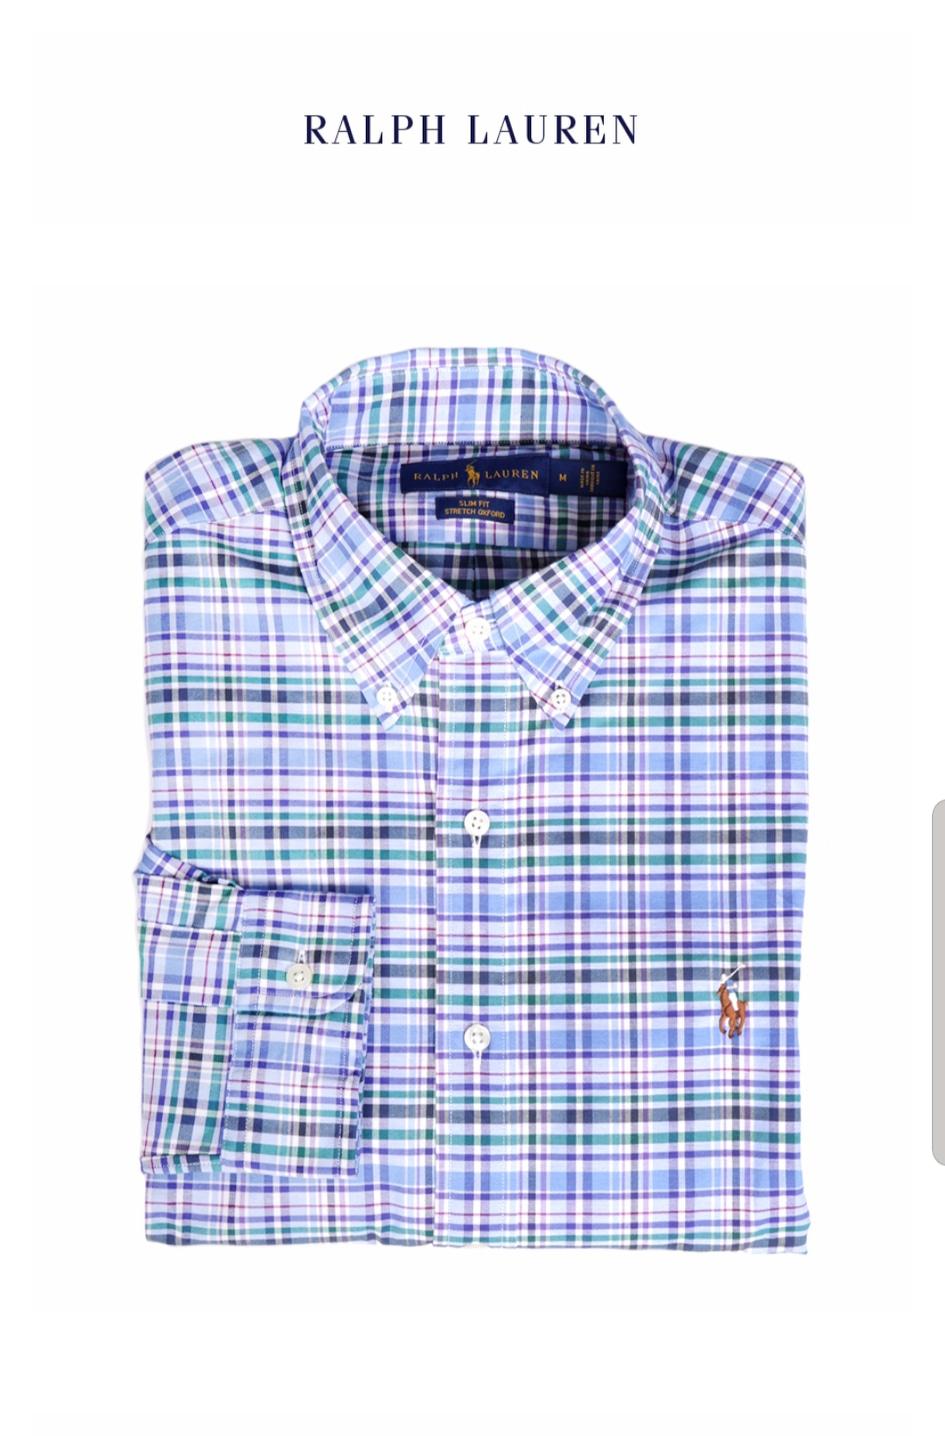 [새상품]폴로랄프로렌 옥스퍼드 슬림핏 블루체크 셔츠 M